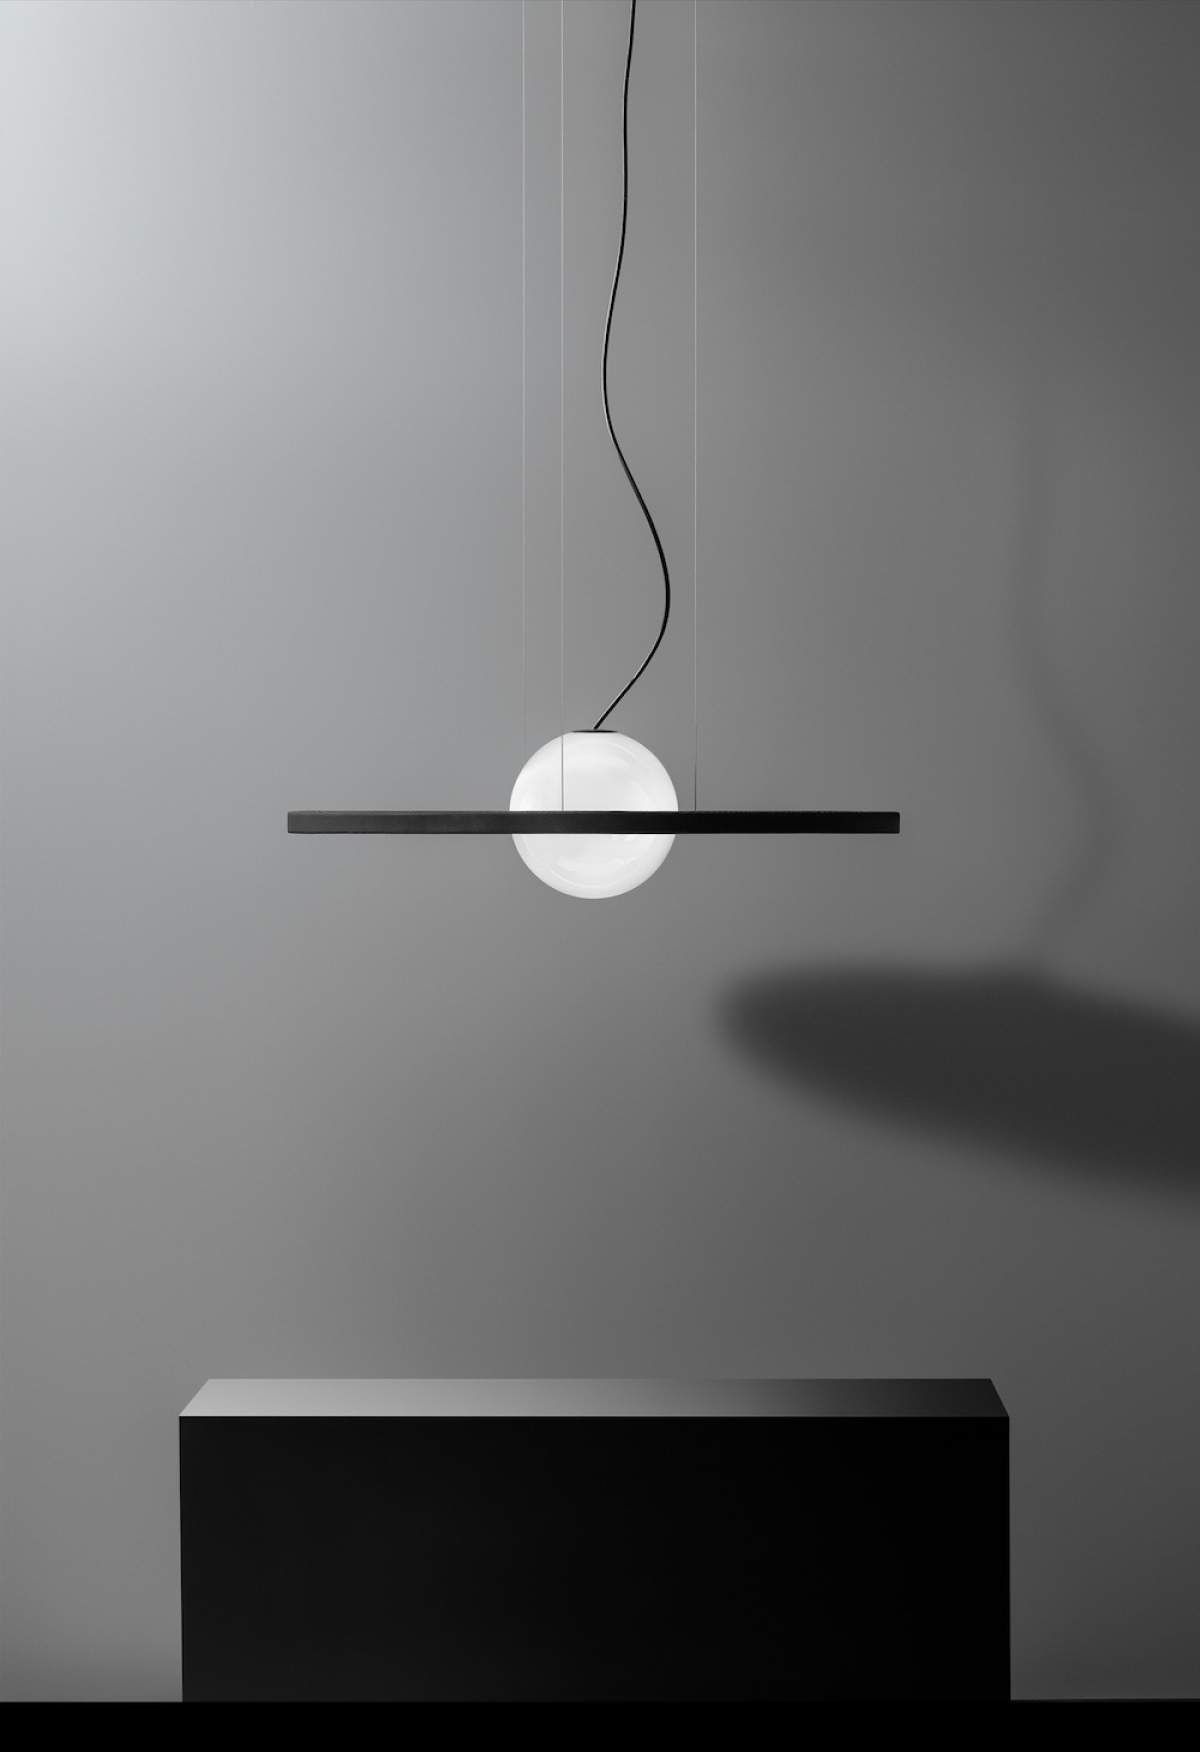 <strong>Irving Silence</strong>, design Elena Trevisan